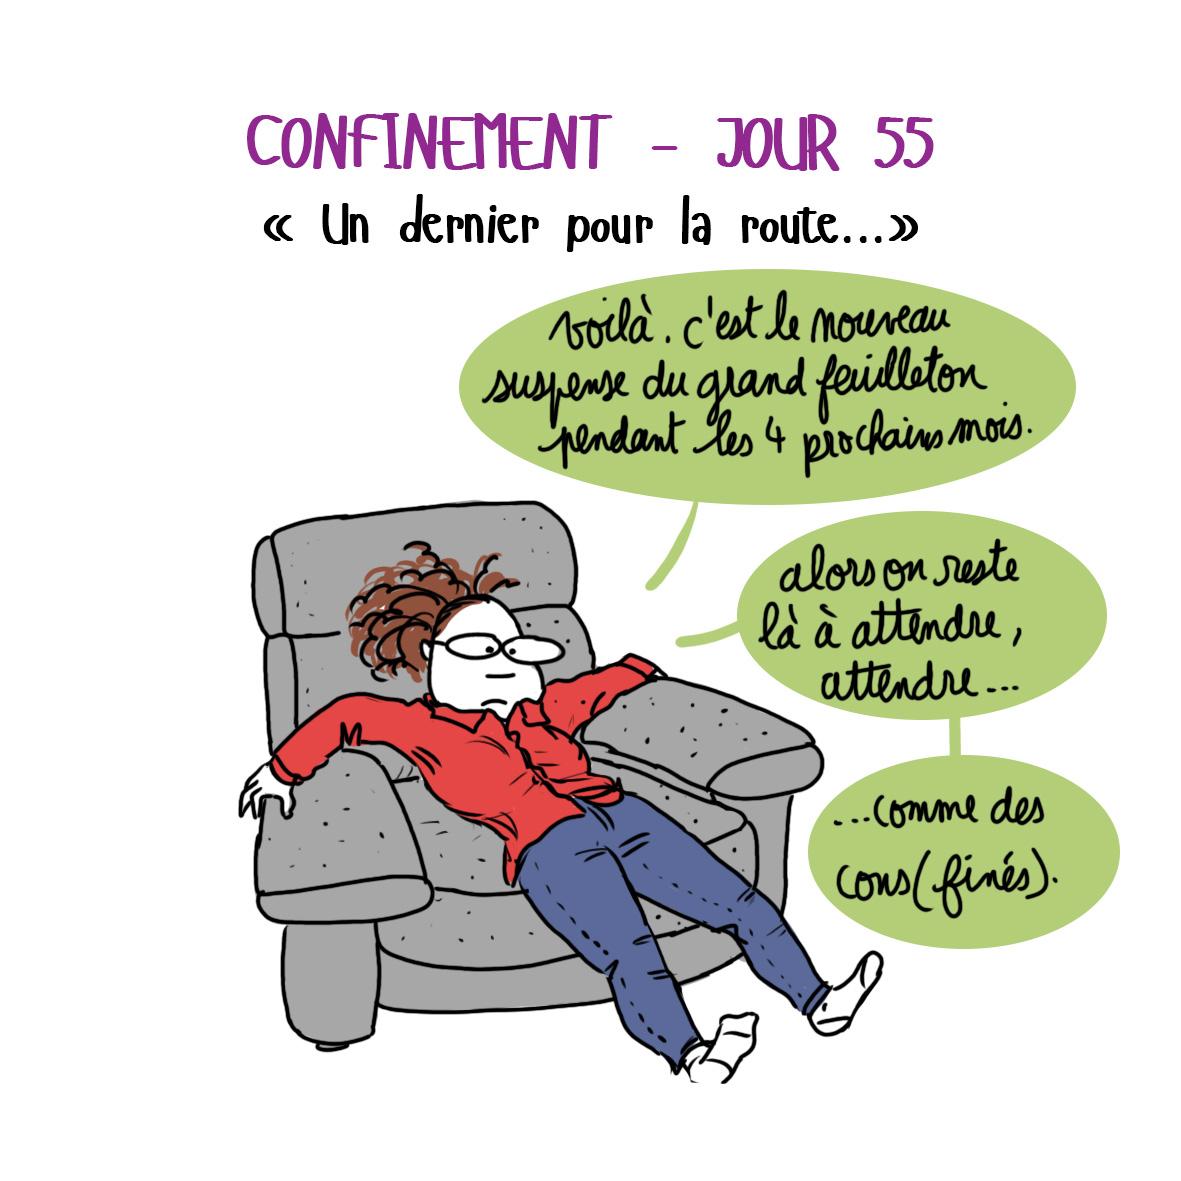 Journal de confinement - jour 55- 4